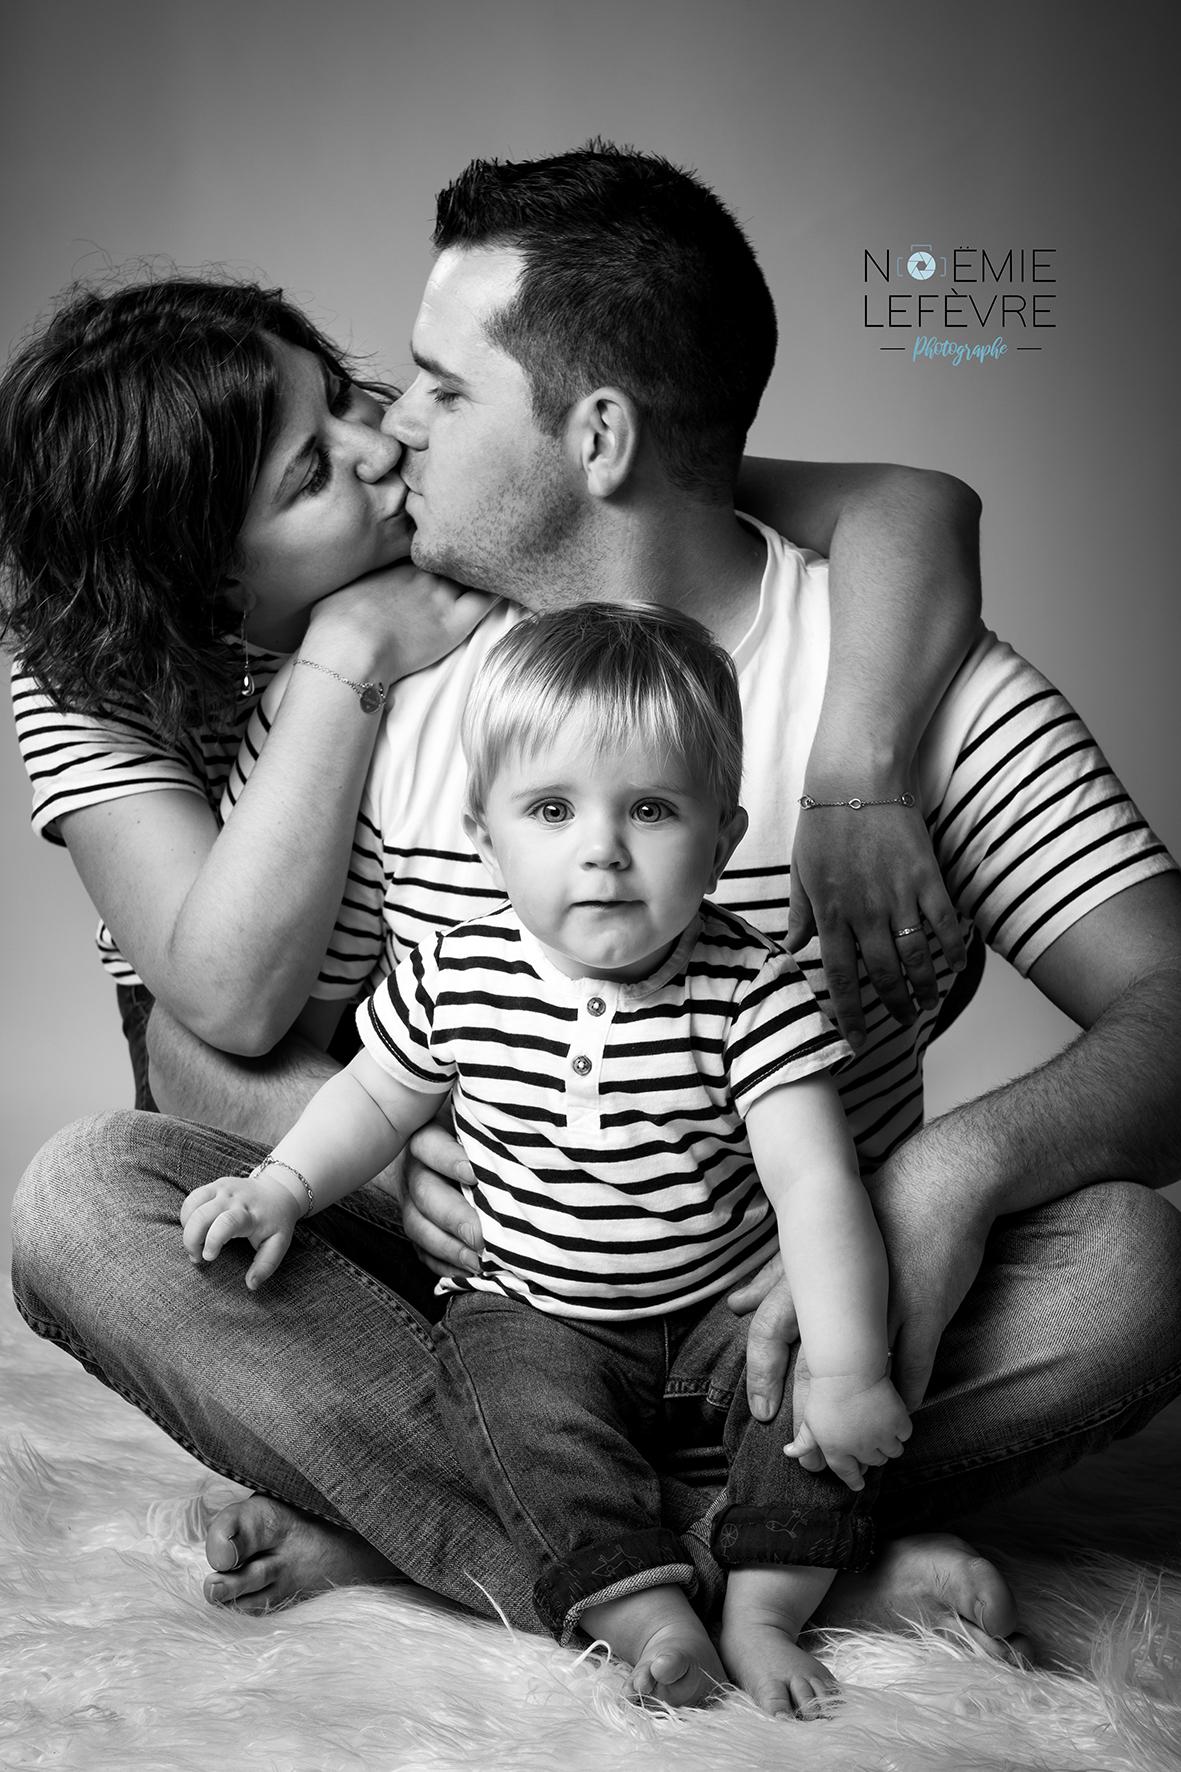 Noëmie_Lefèvre__photo_de_famille